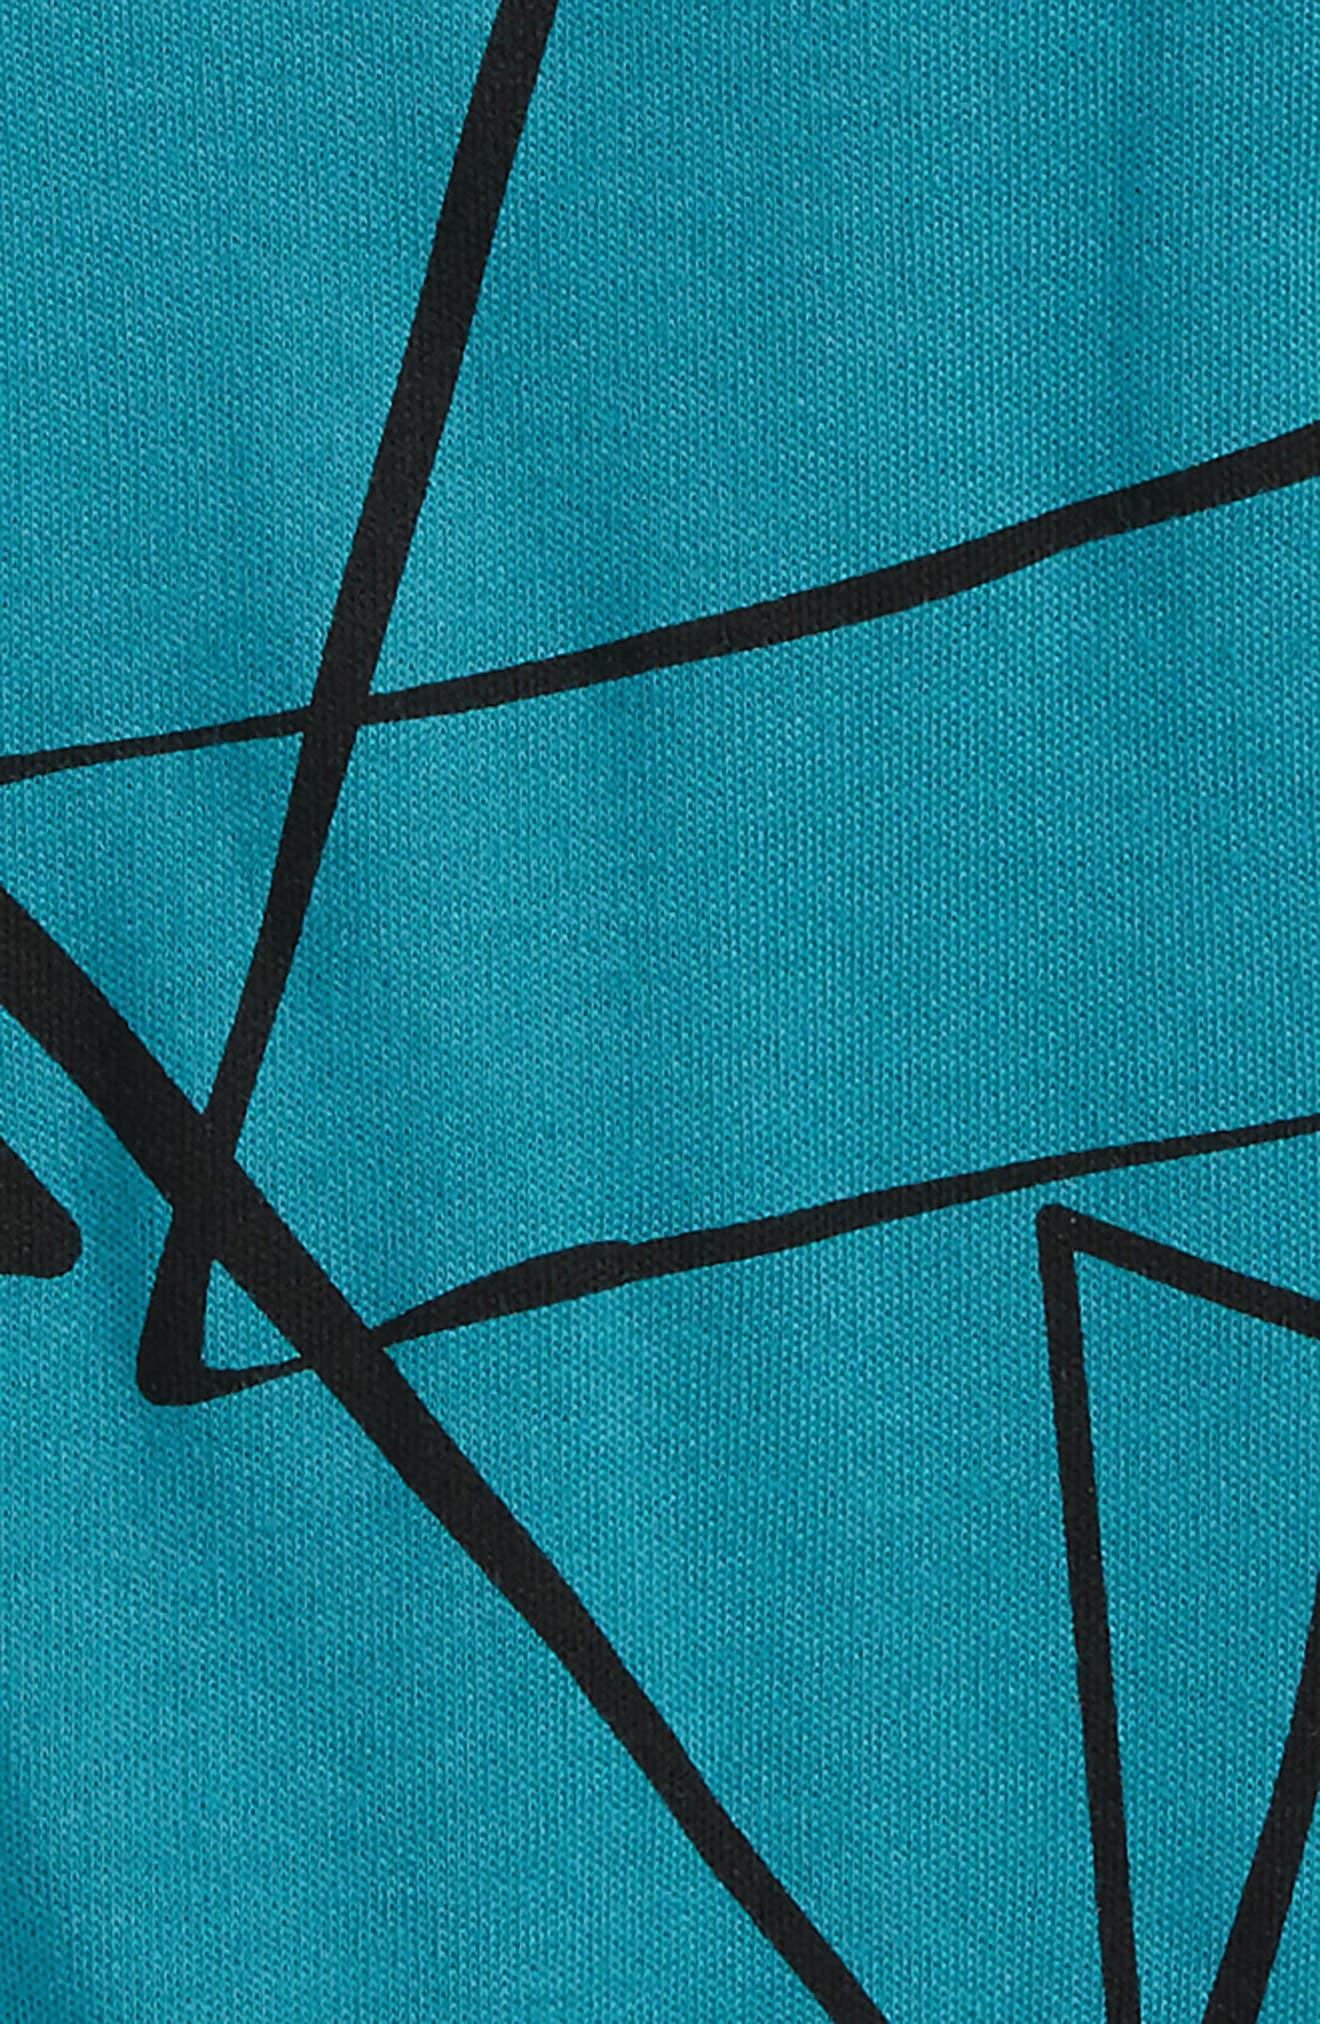 Alternate Image 3  - SOOKIbaby Geo Print Romper (Baby)